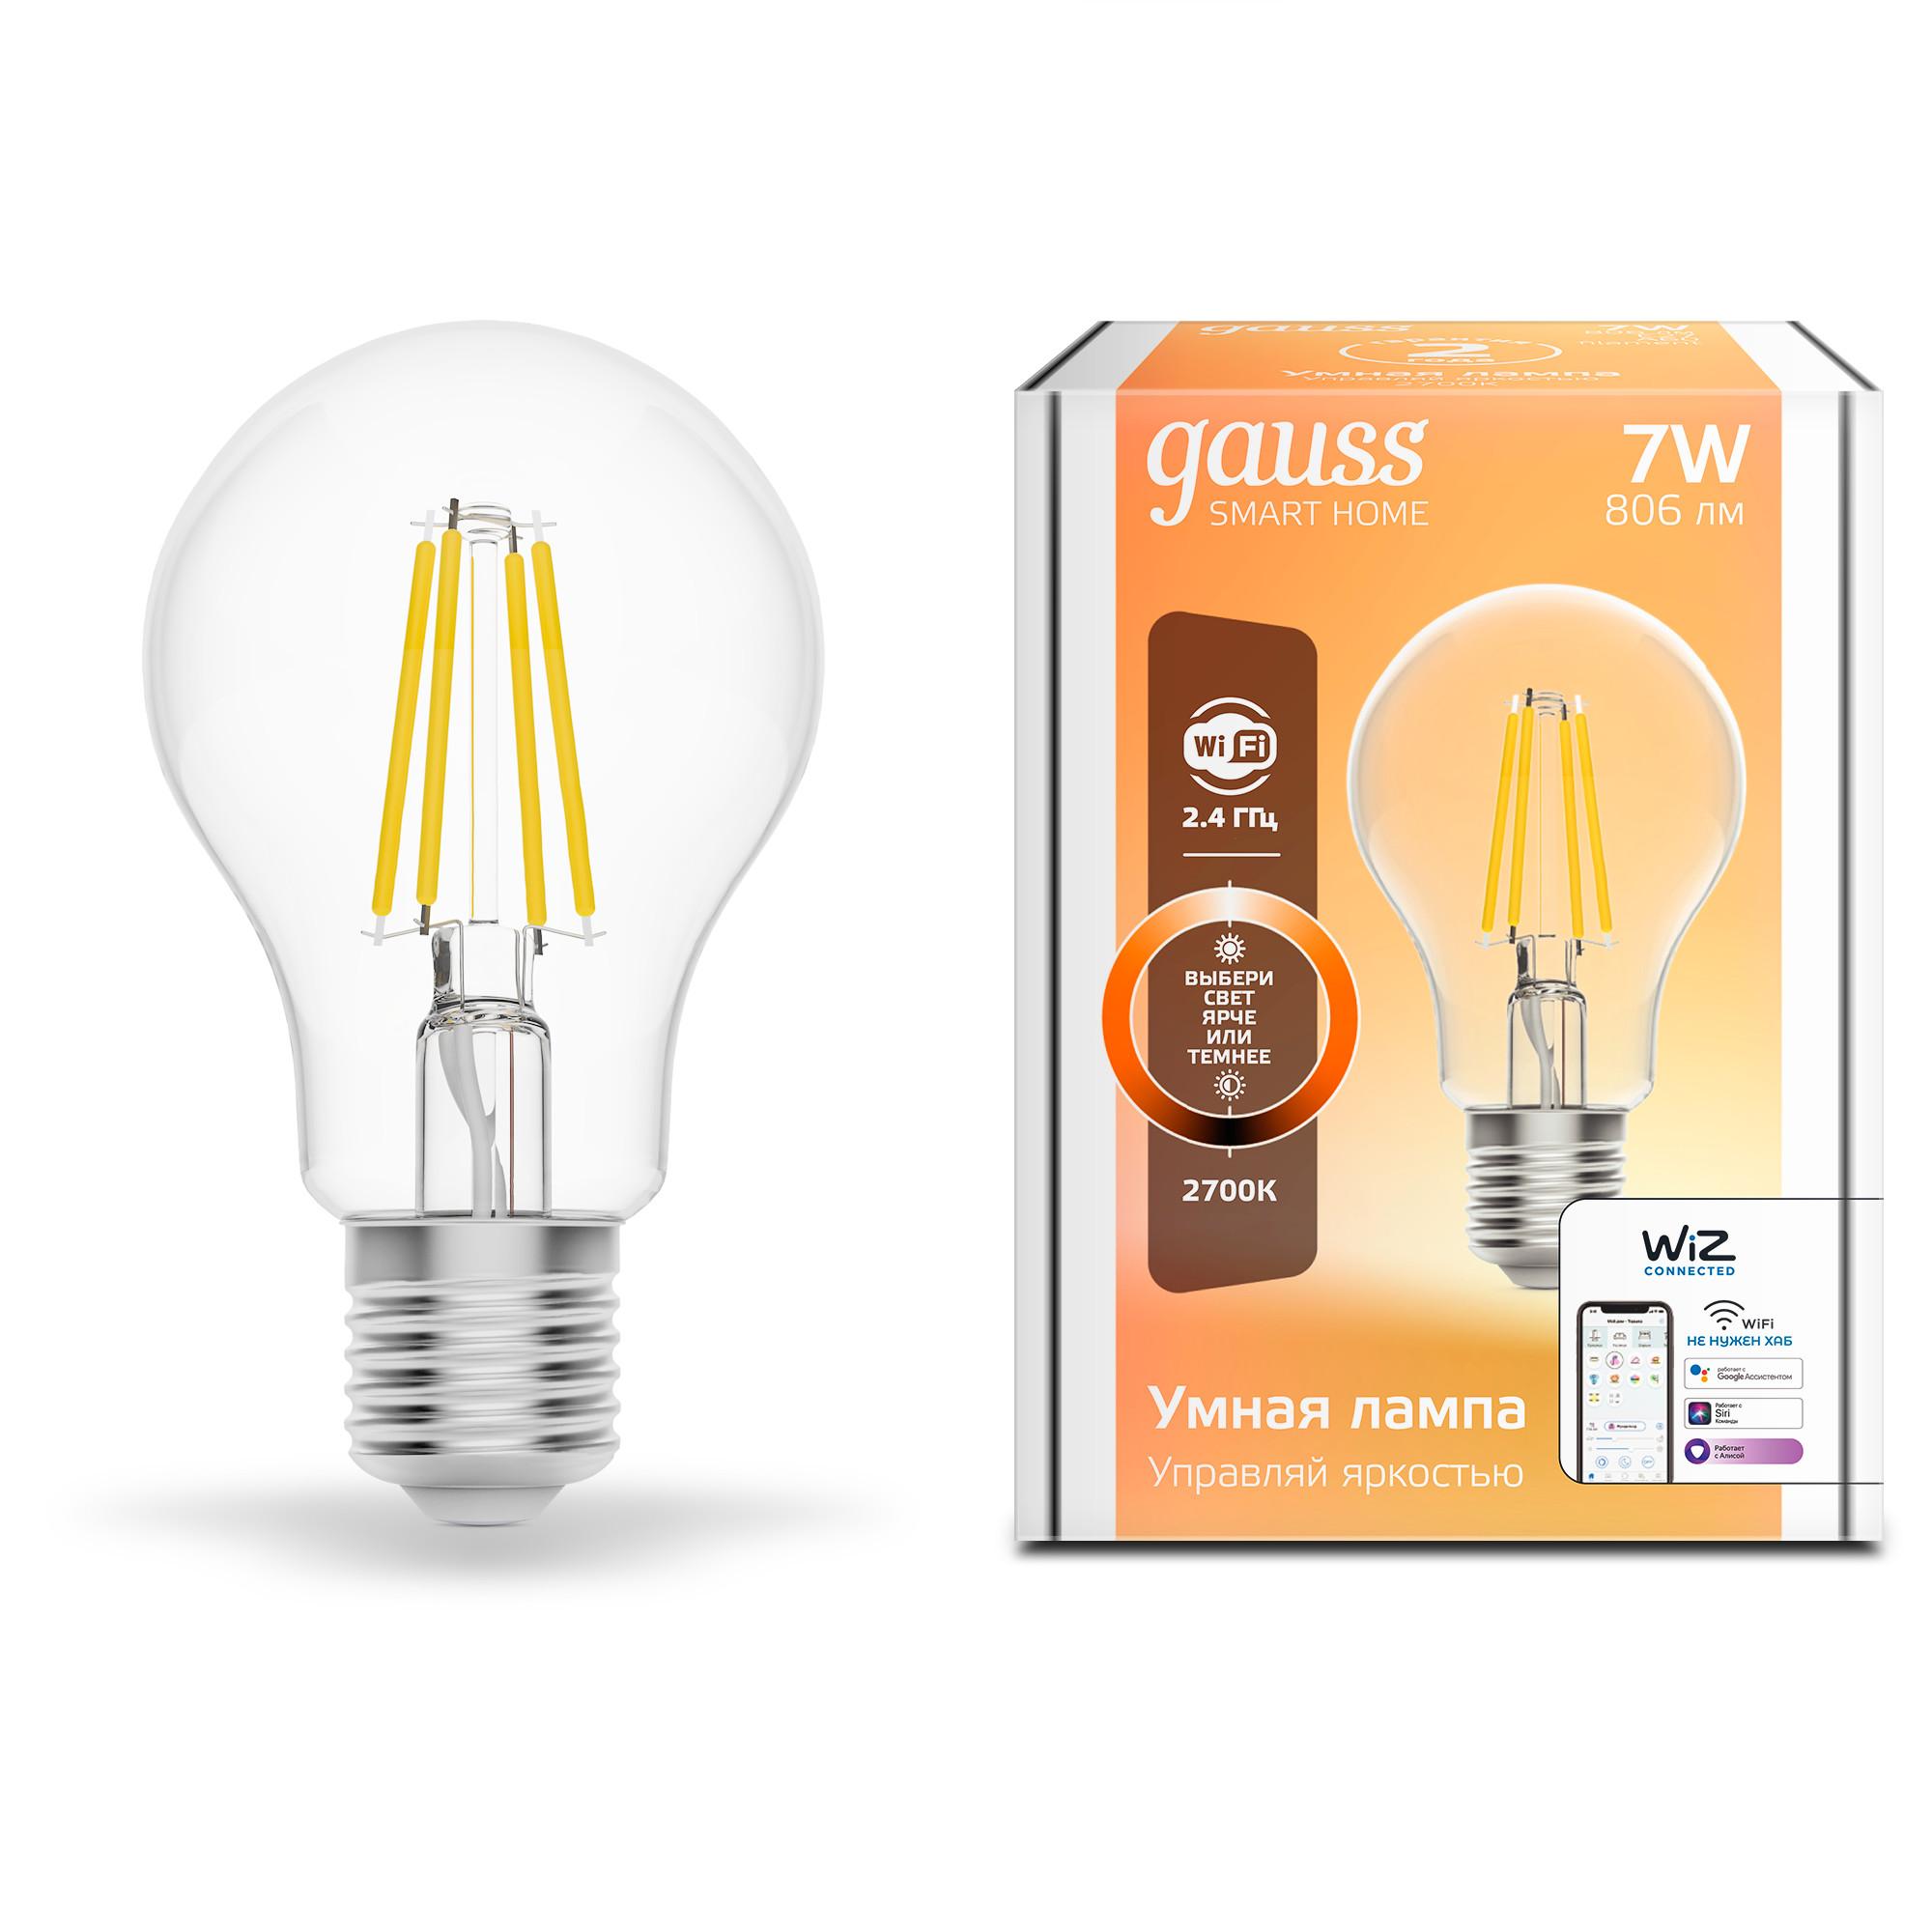 Лампа умная светодиодная филаментная Gauss E27 220-240 В 7 Вт груша прозрачная 806 лм тёплый белый свет для диммера